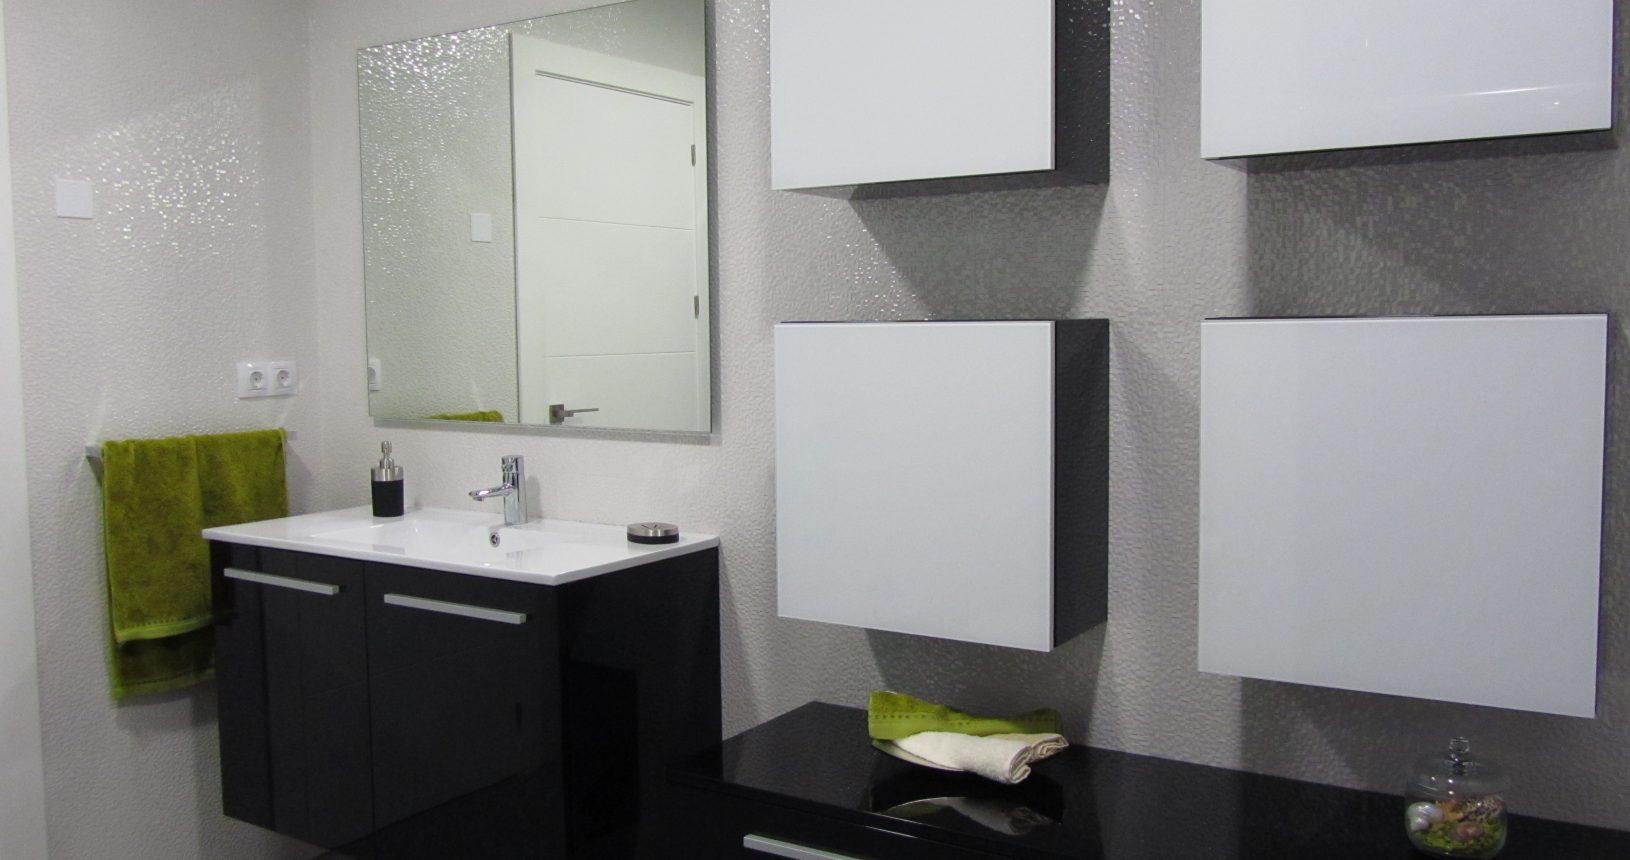 Muebles de Baño a Medida - Carpintería SICA